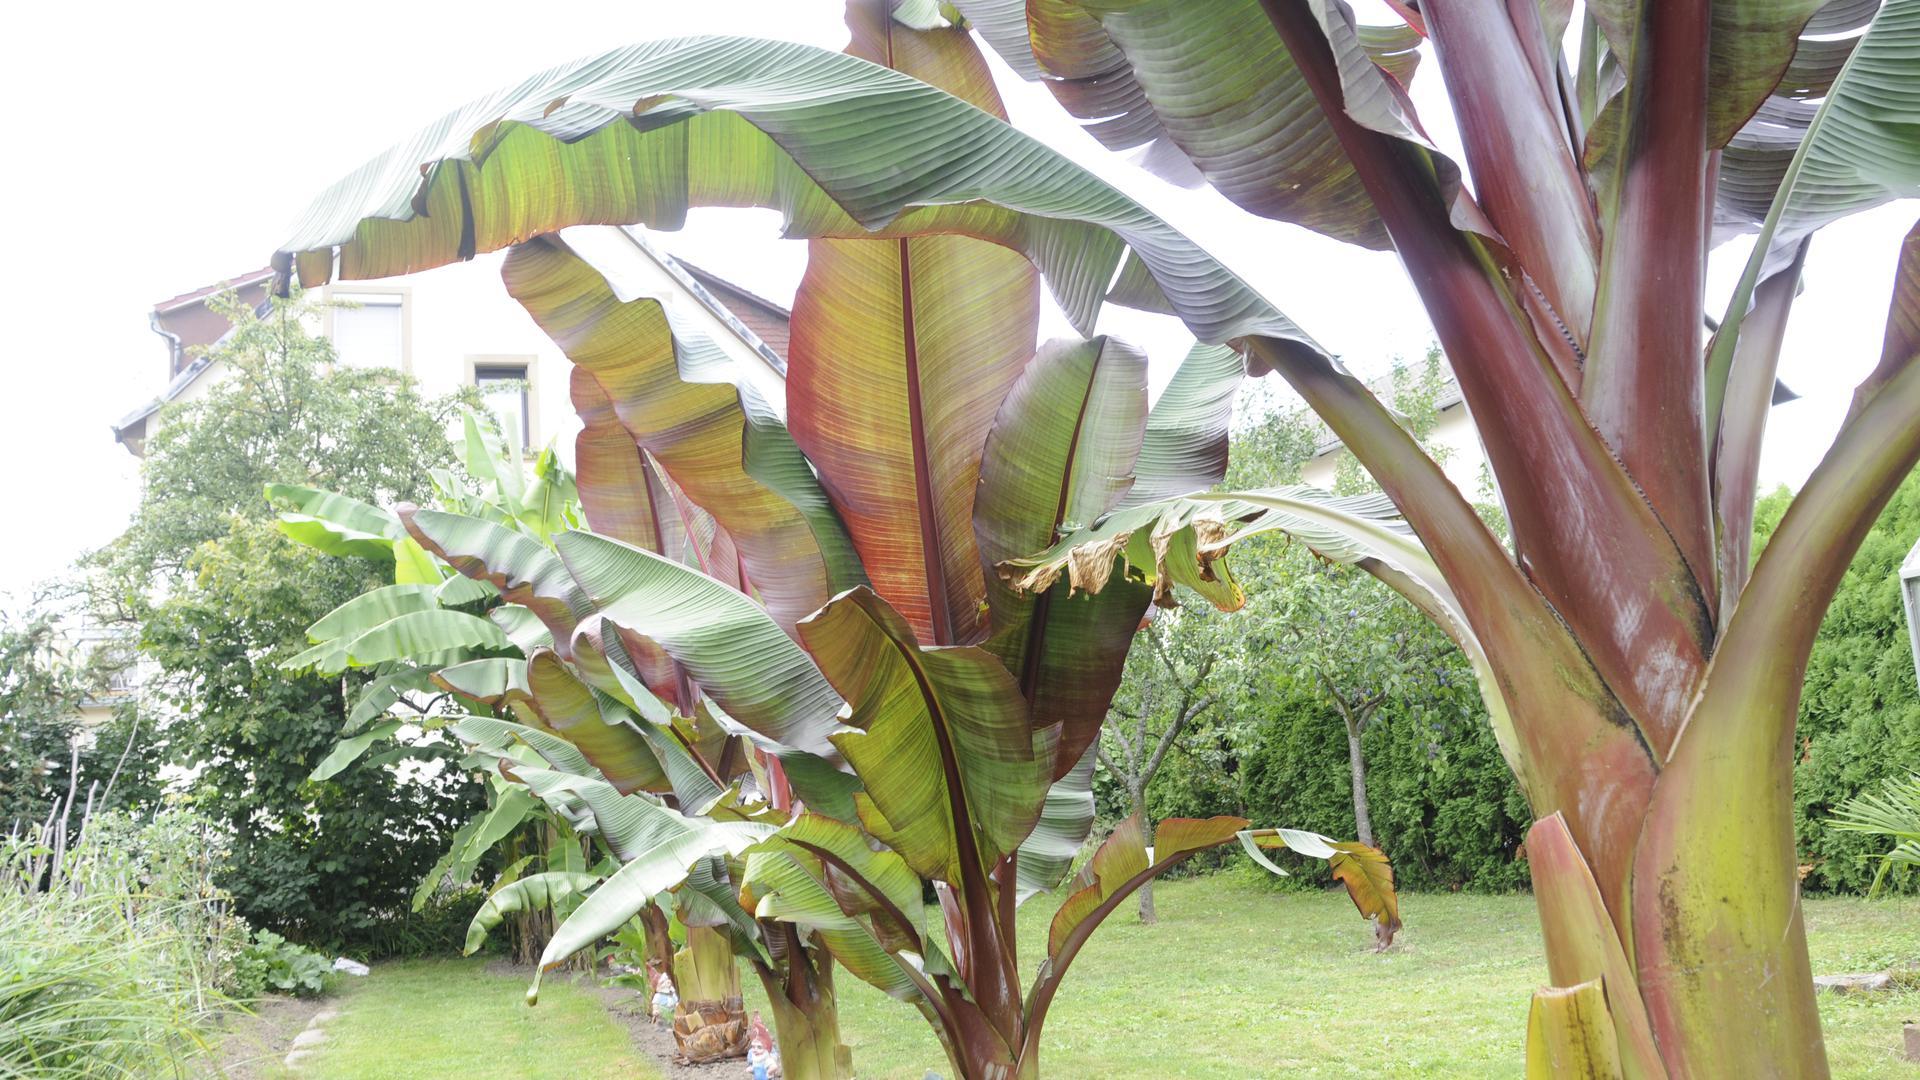 Exotische Pflanzen wie die Bananenstaude werden im Südwesten häufiger.